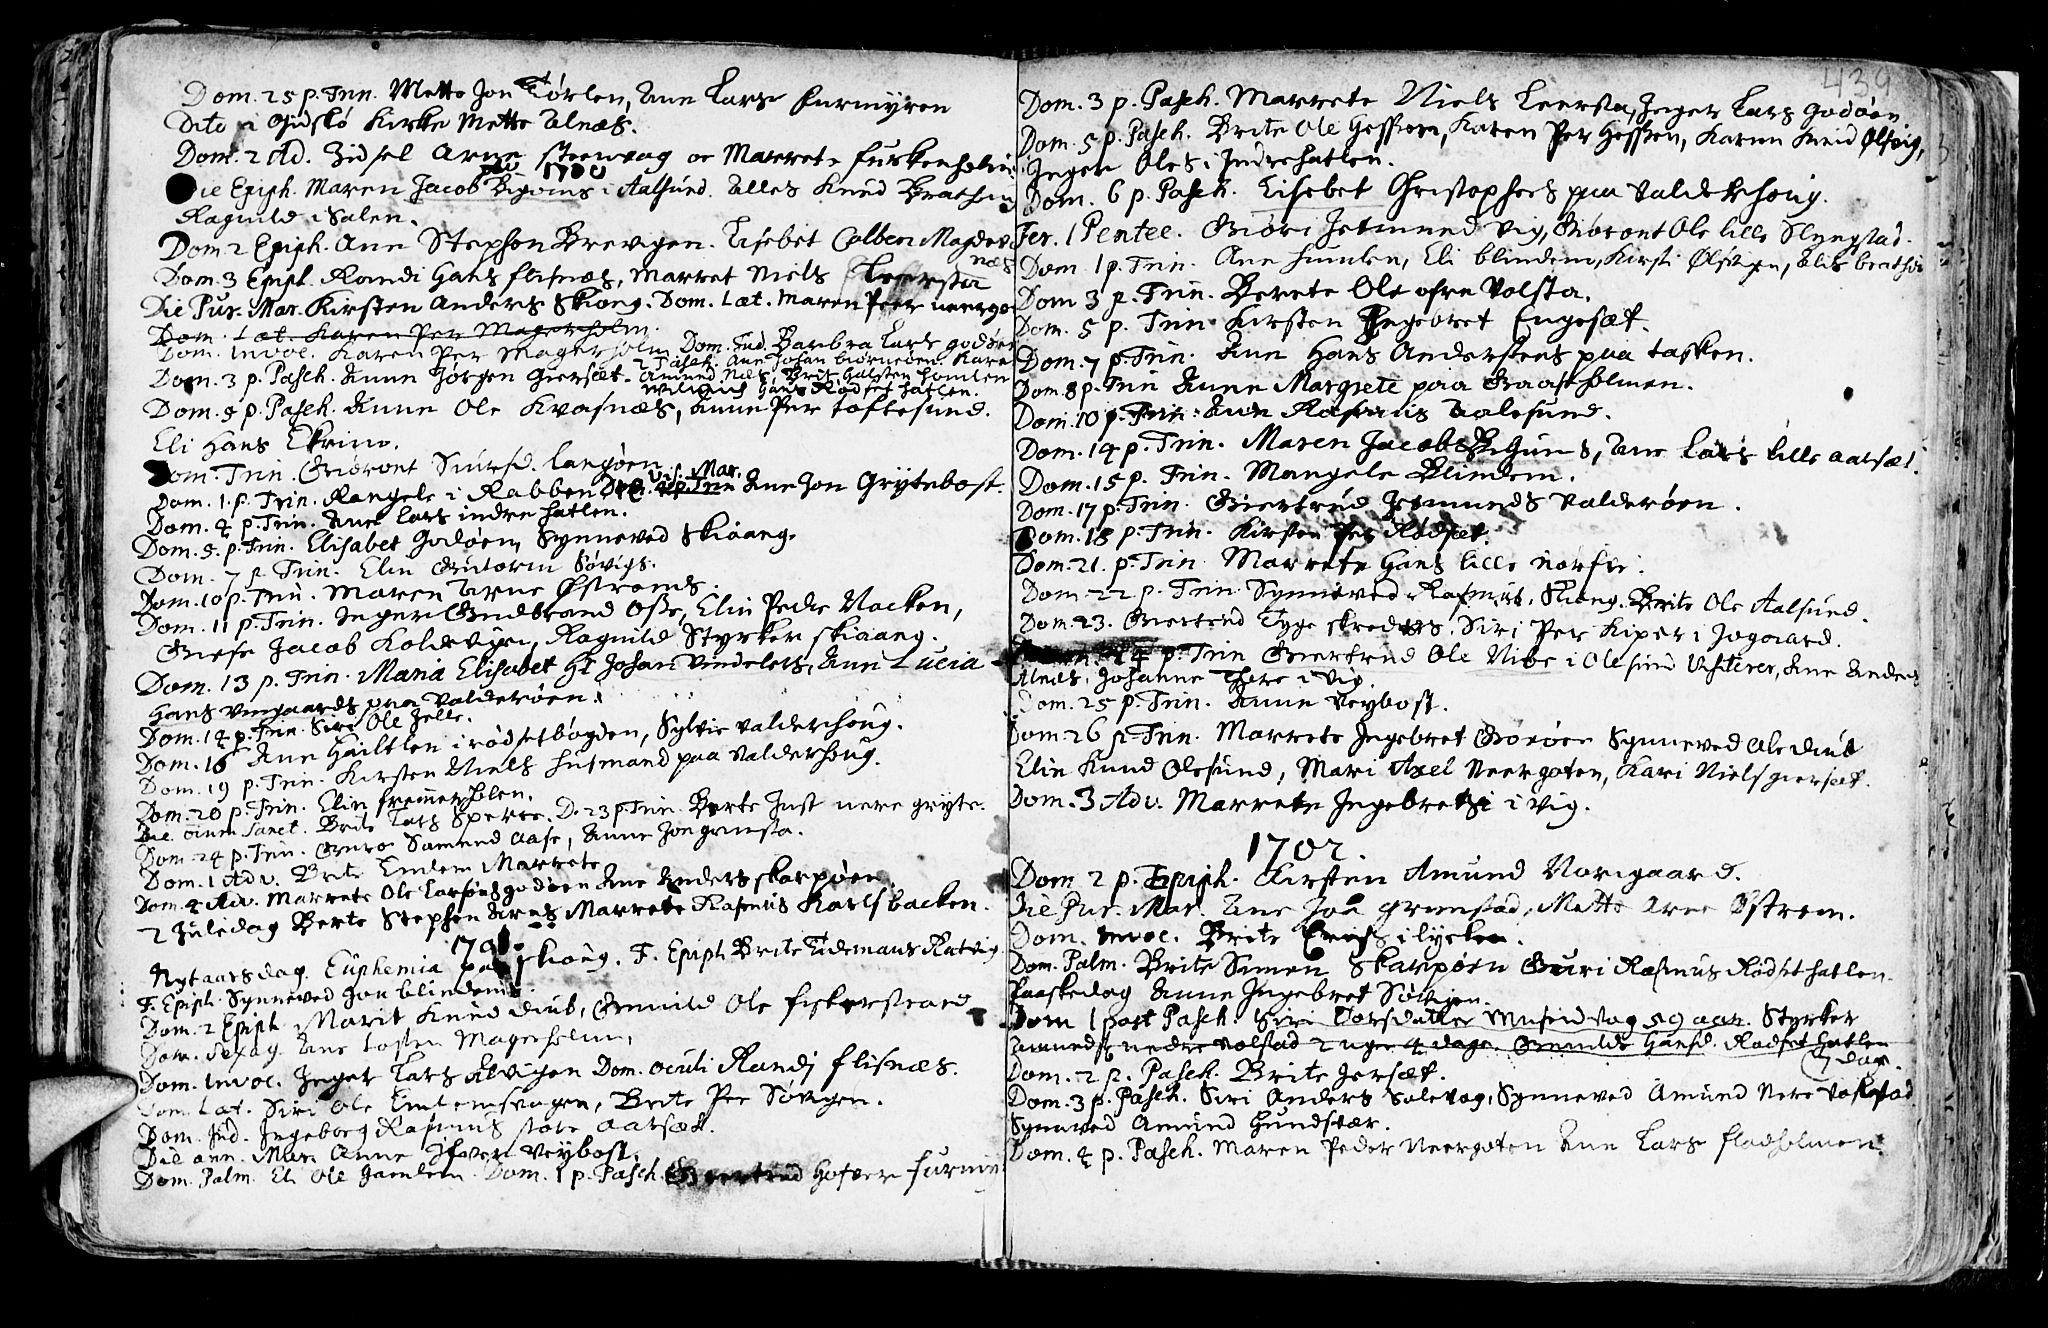 SAT, Ministerialprotokoller, klokkerbøker og fødselsregistre - Møre og Romsdal, 528/L0390: Ministerialbok nr. 528A01, 1698-1739, s. 438-439